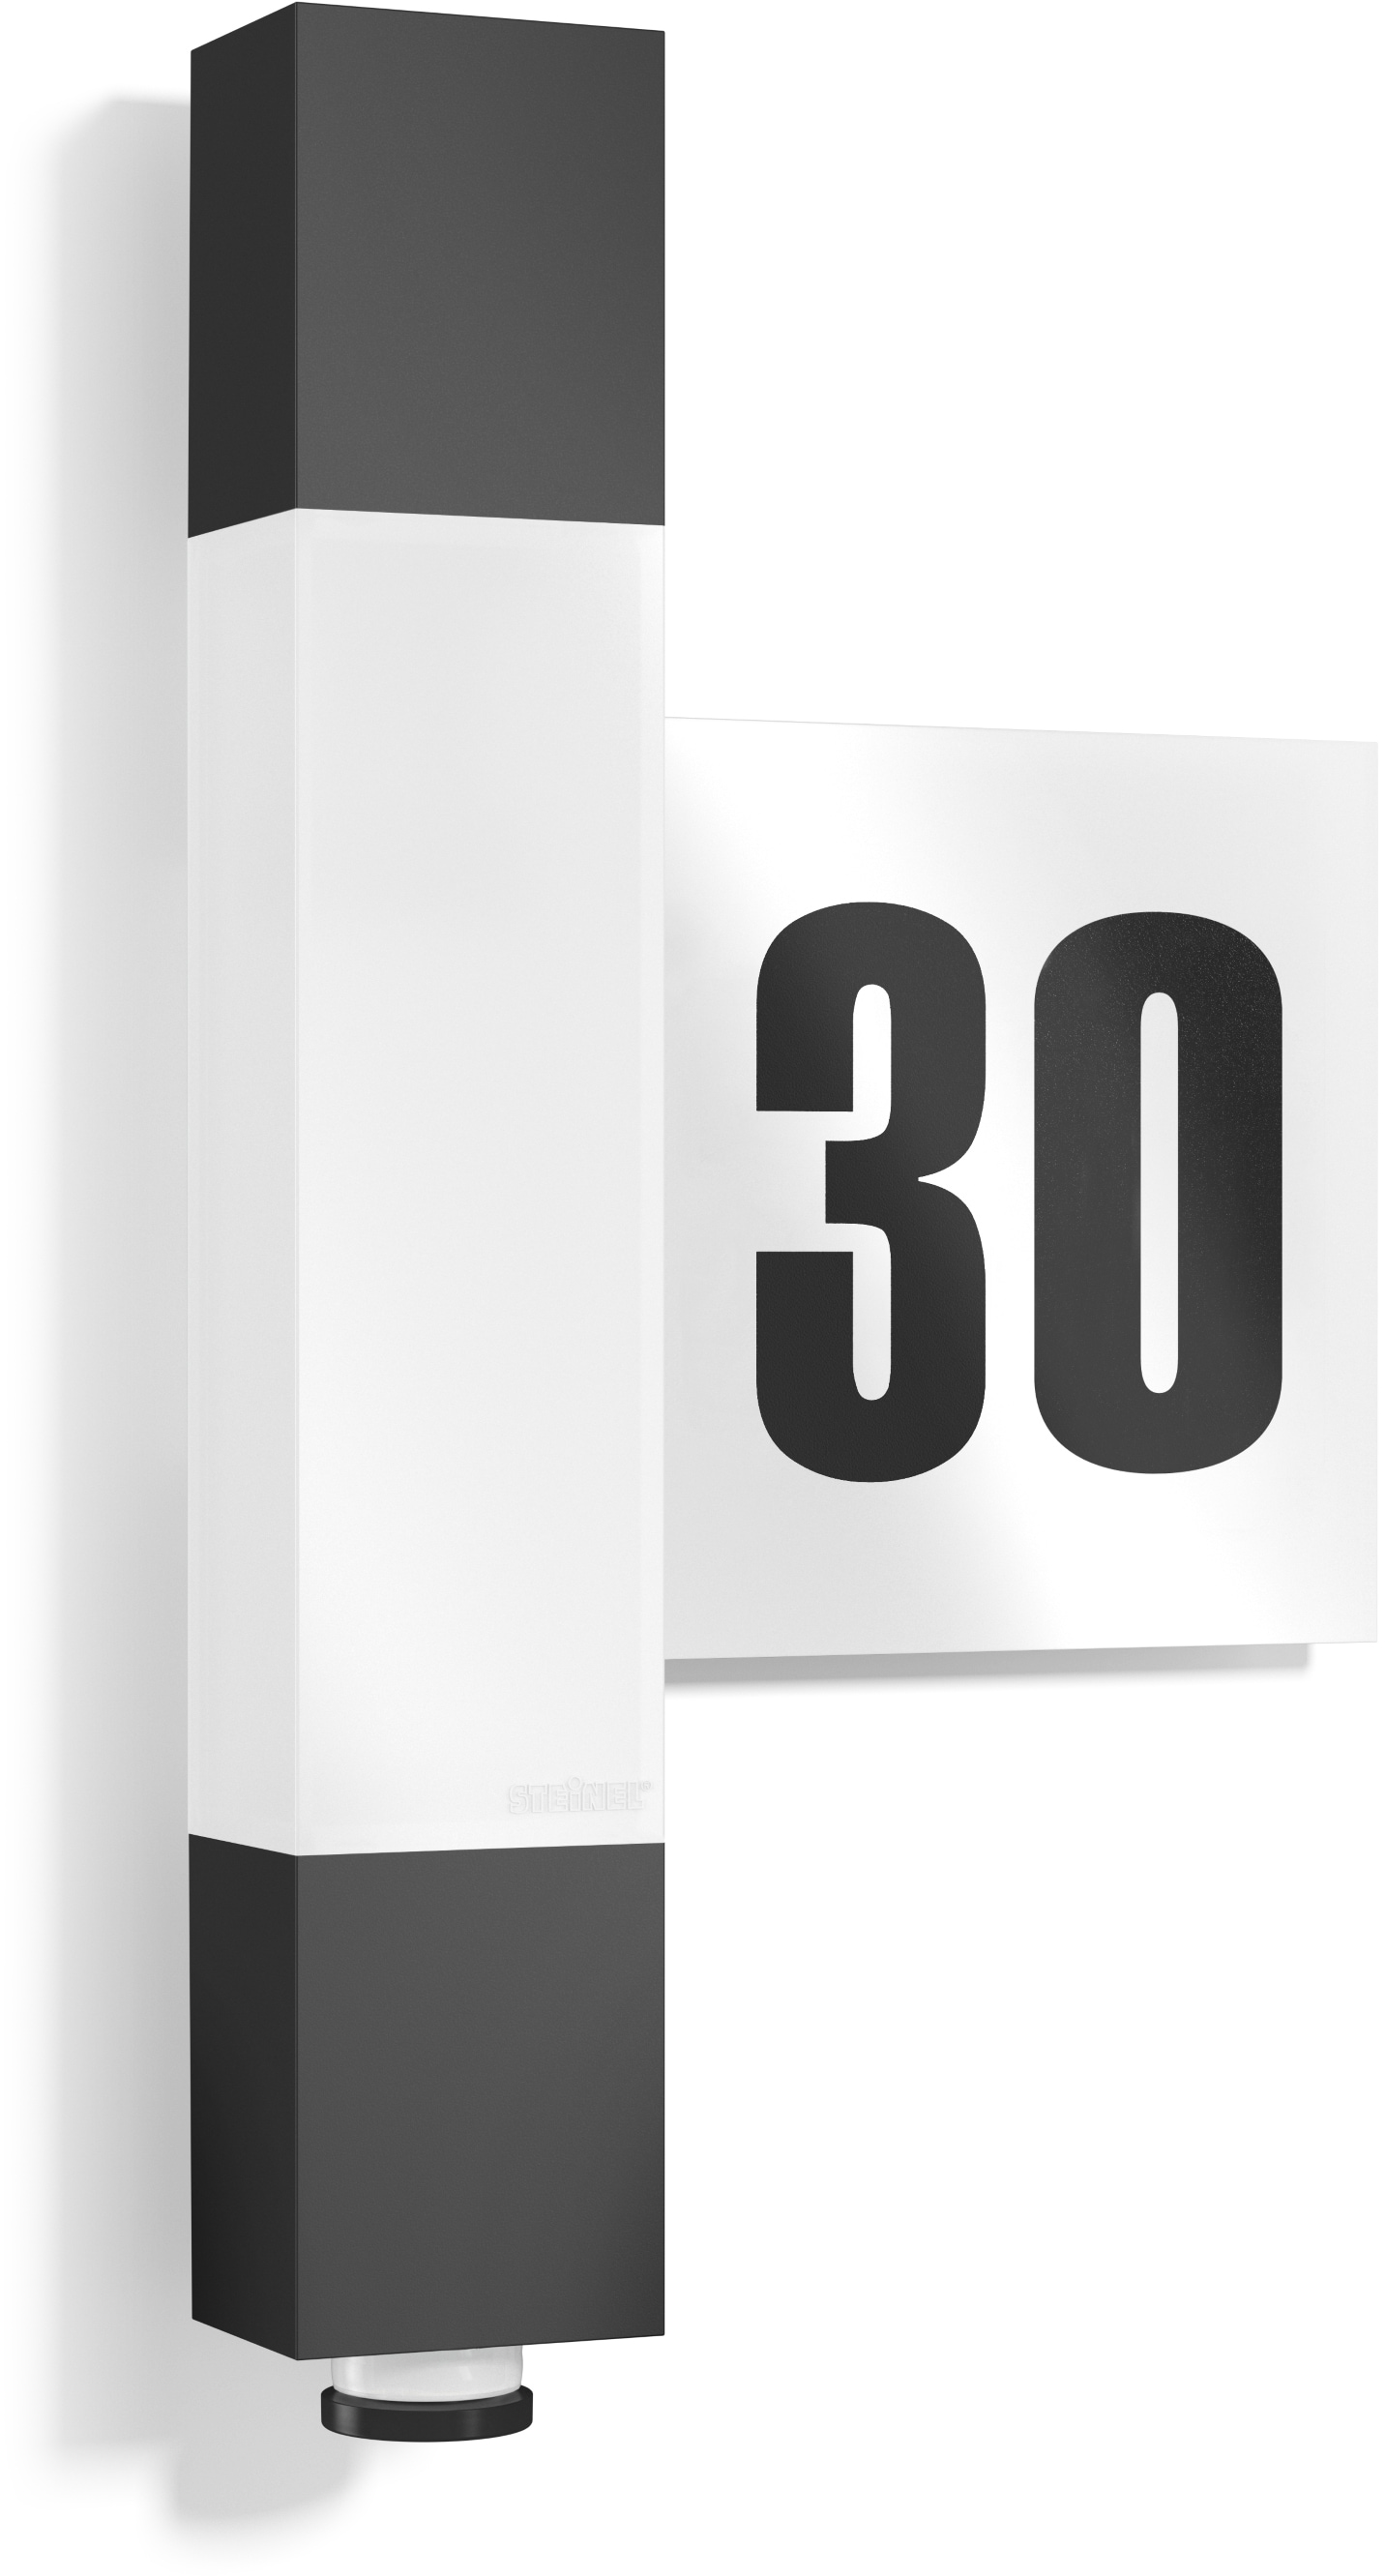 steinel Außen-Wandleuchte L 630, LED-Board, 1 St., Warmweiß, 360° Bewegungsmelder, links oder rechts montierbares Hausnummernpanel